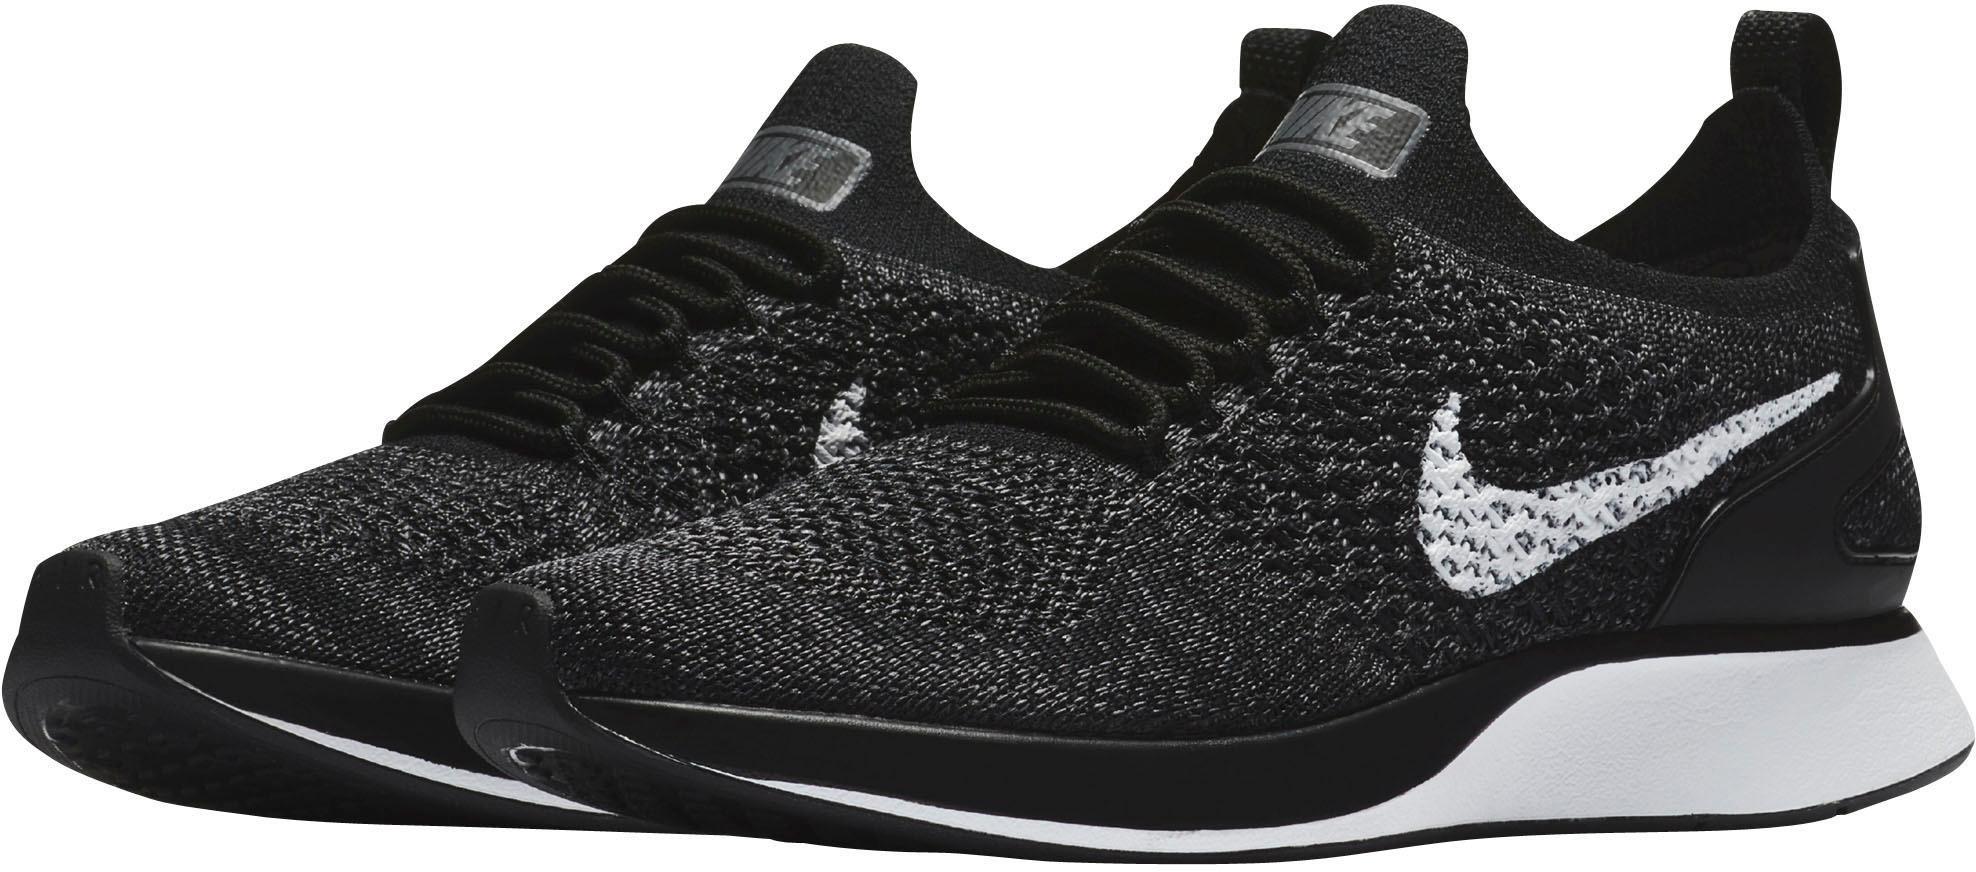 Op zoek naar een Nike sneakers »Wmns Air Zoom Mariah Flyknit Racer«? Koop online bij OTTO